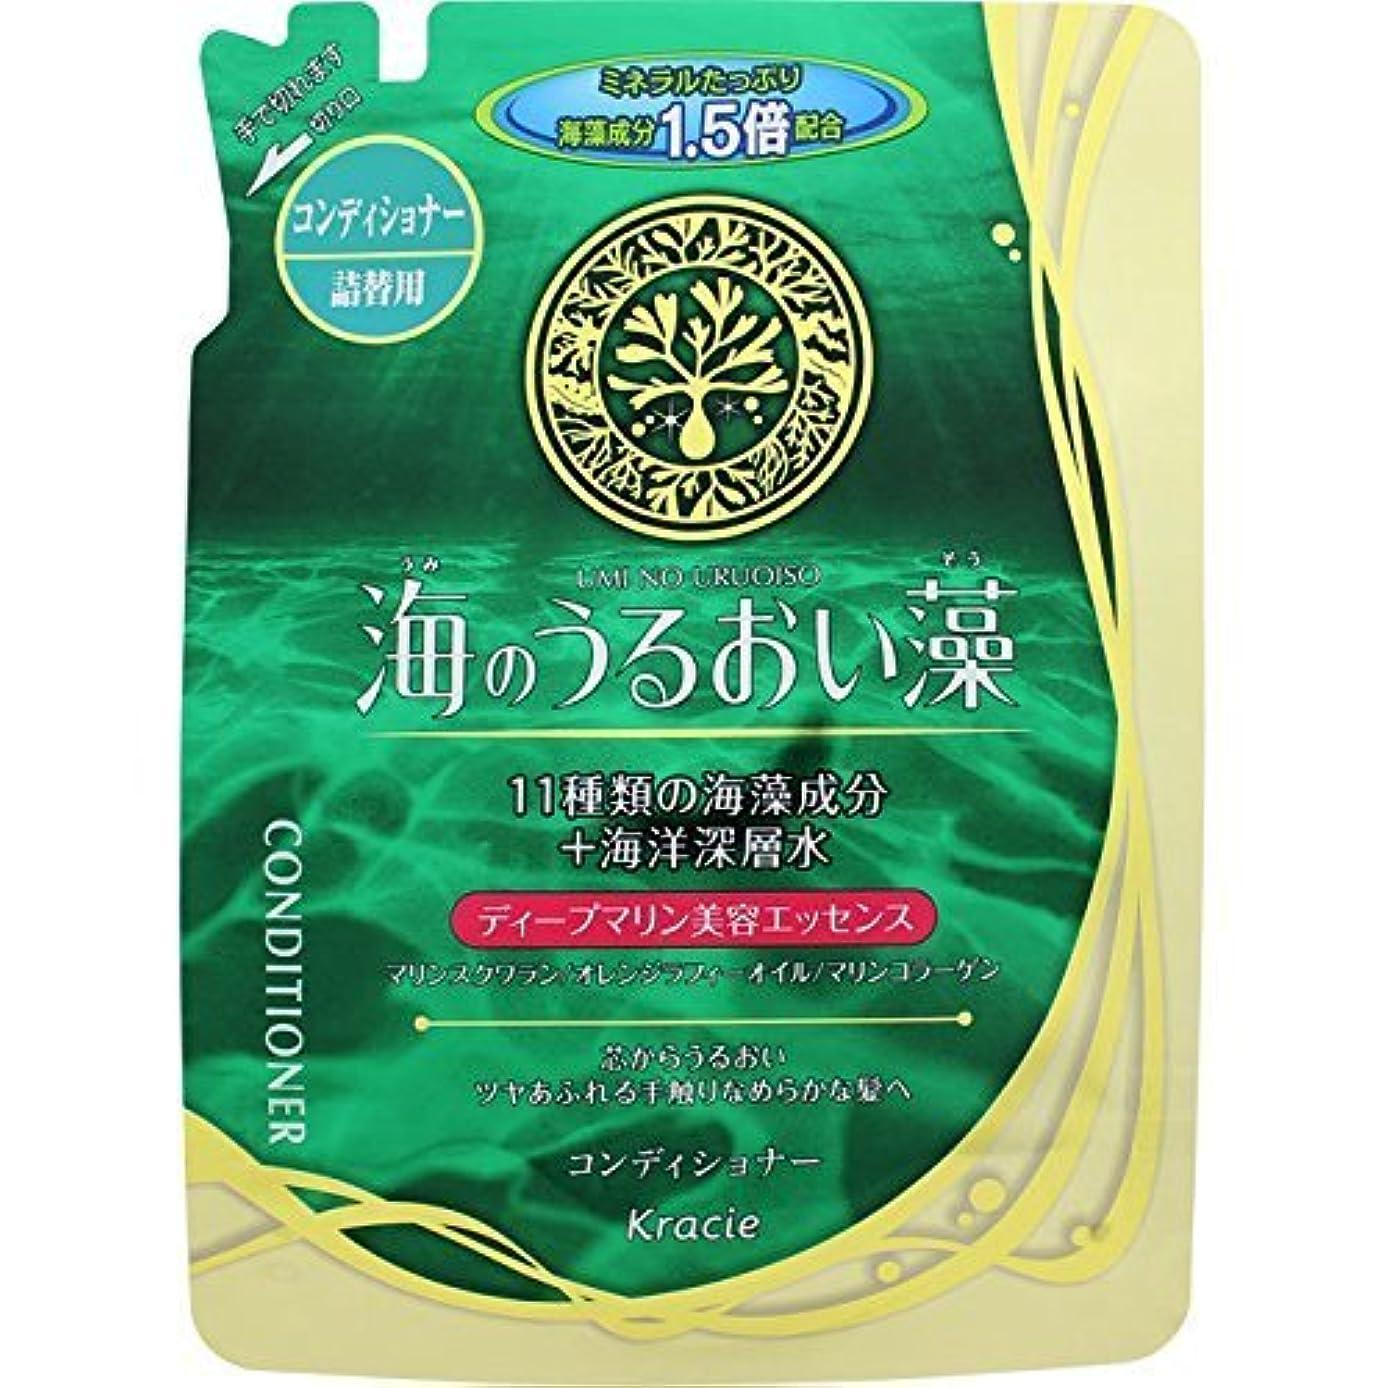 とは異なりる可塑性【クラシエ】海のうるおい藻 コンディショナー 詰替用 420ml※お取り寄せ【NT】 ×5個セット